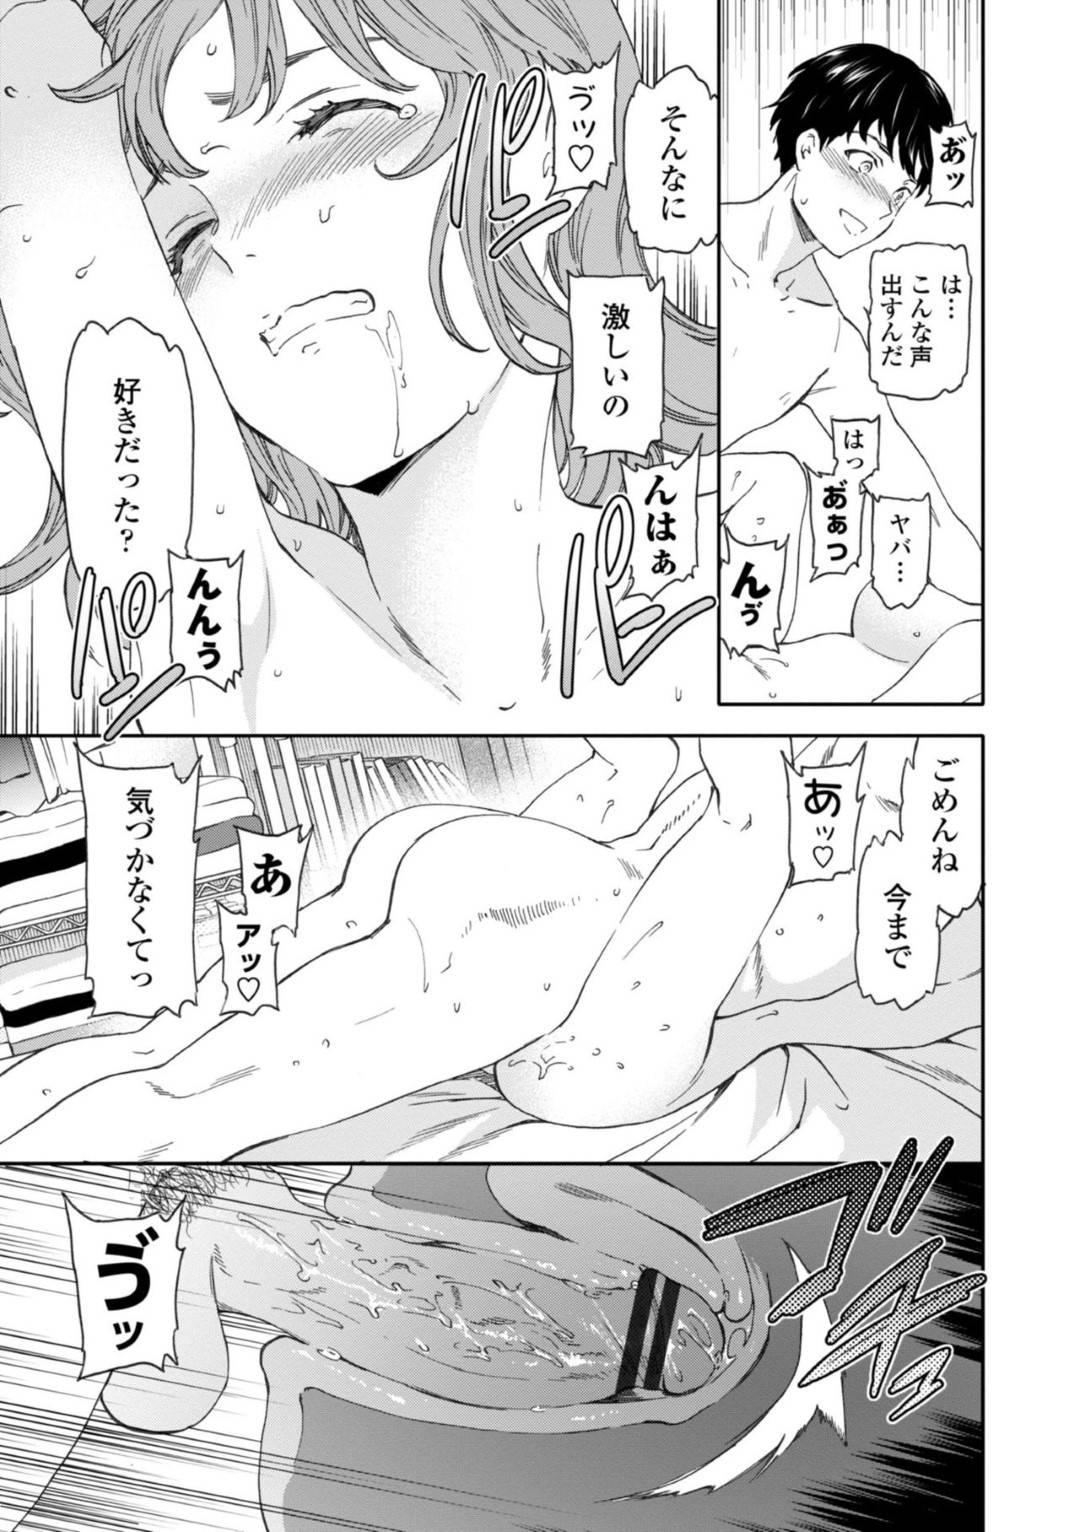 【エロ漫画】帰宅した彼氏にAV観ながらバイブオナニーしているのを見られてしまった美人JDは、激しい生ハメ中出しセックスしてドM性癖が開花してしまう【Cuvie/新生】